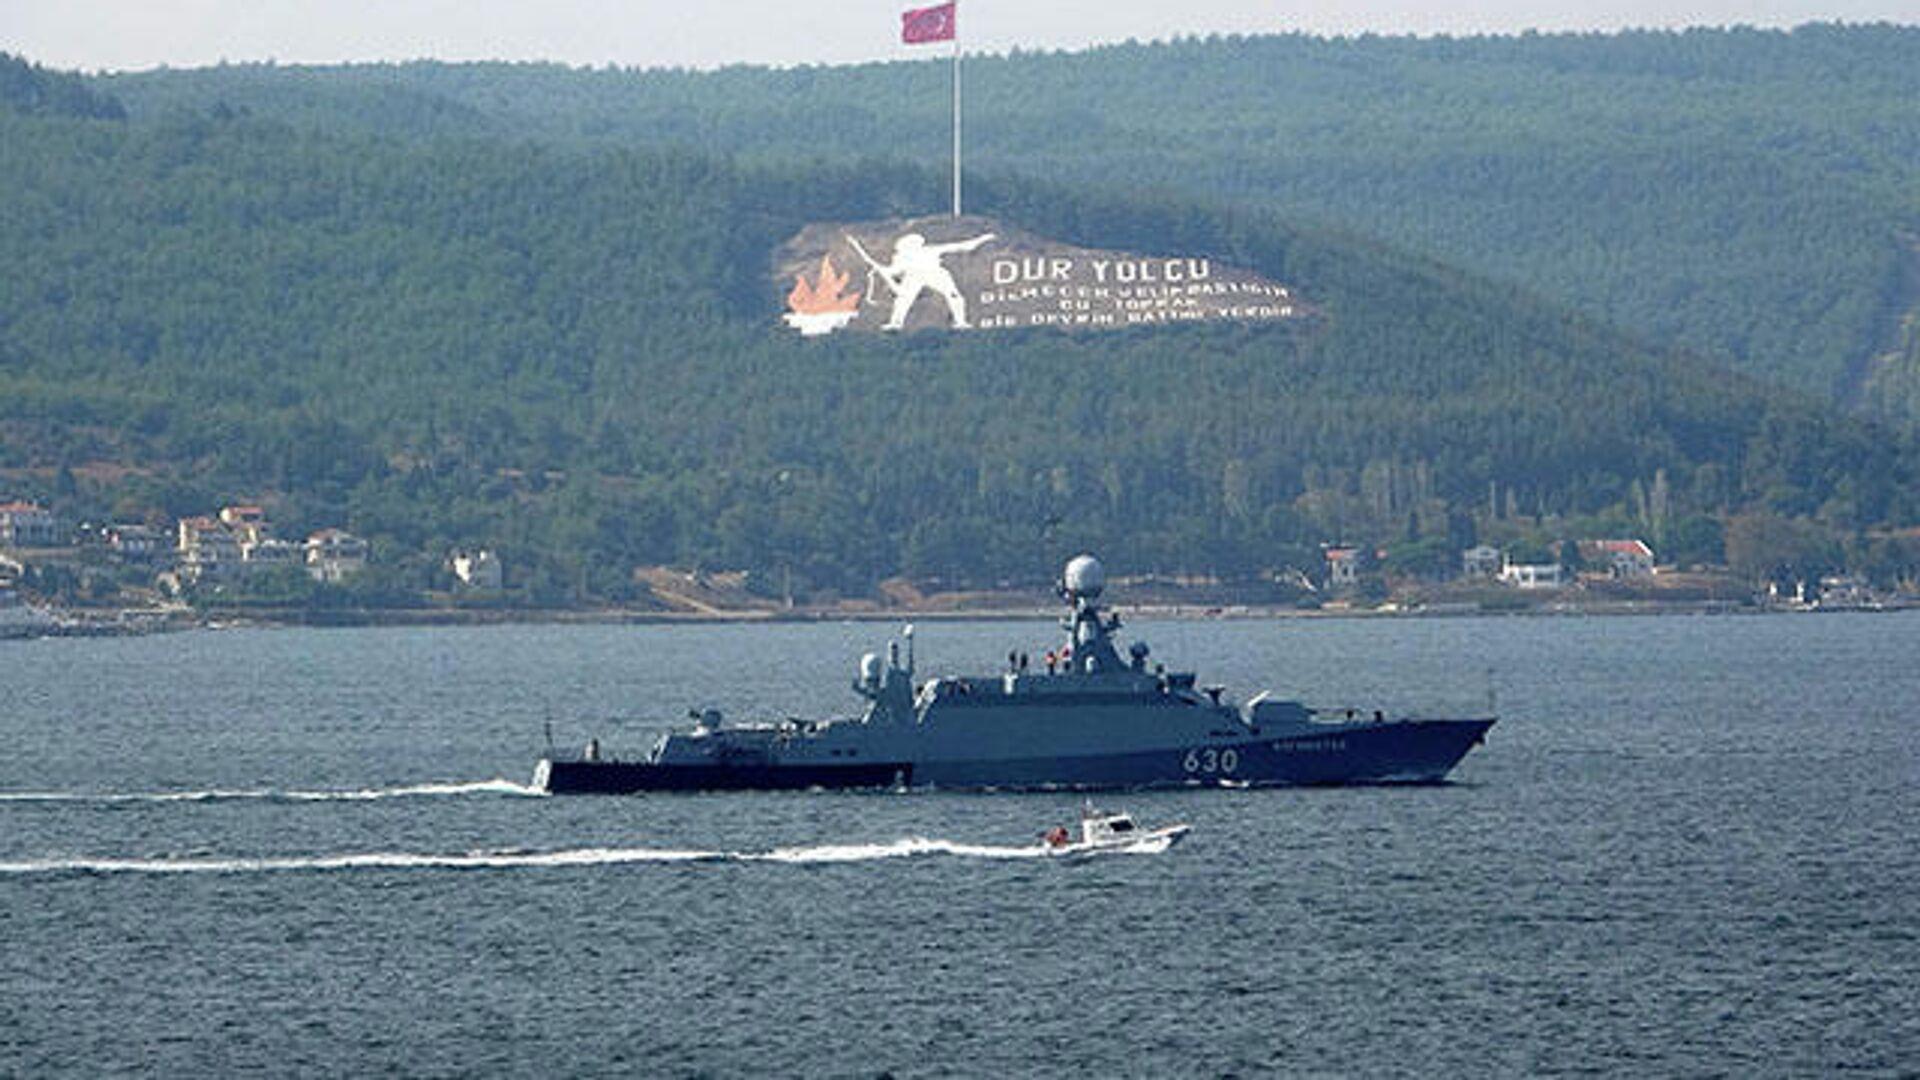 Rus savaş gemisi, Çanakkale Boğazı'ndan geçti - Sputnik Türkiye, 1920, 14.10.2021